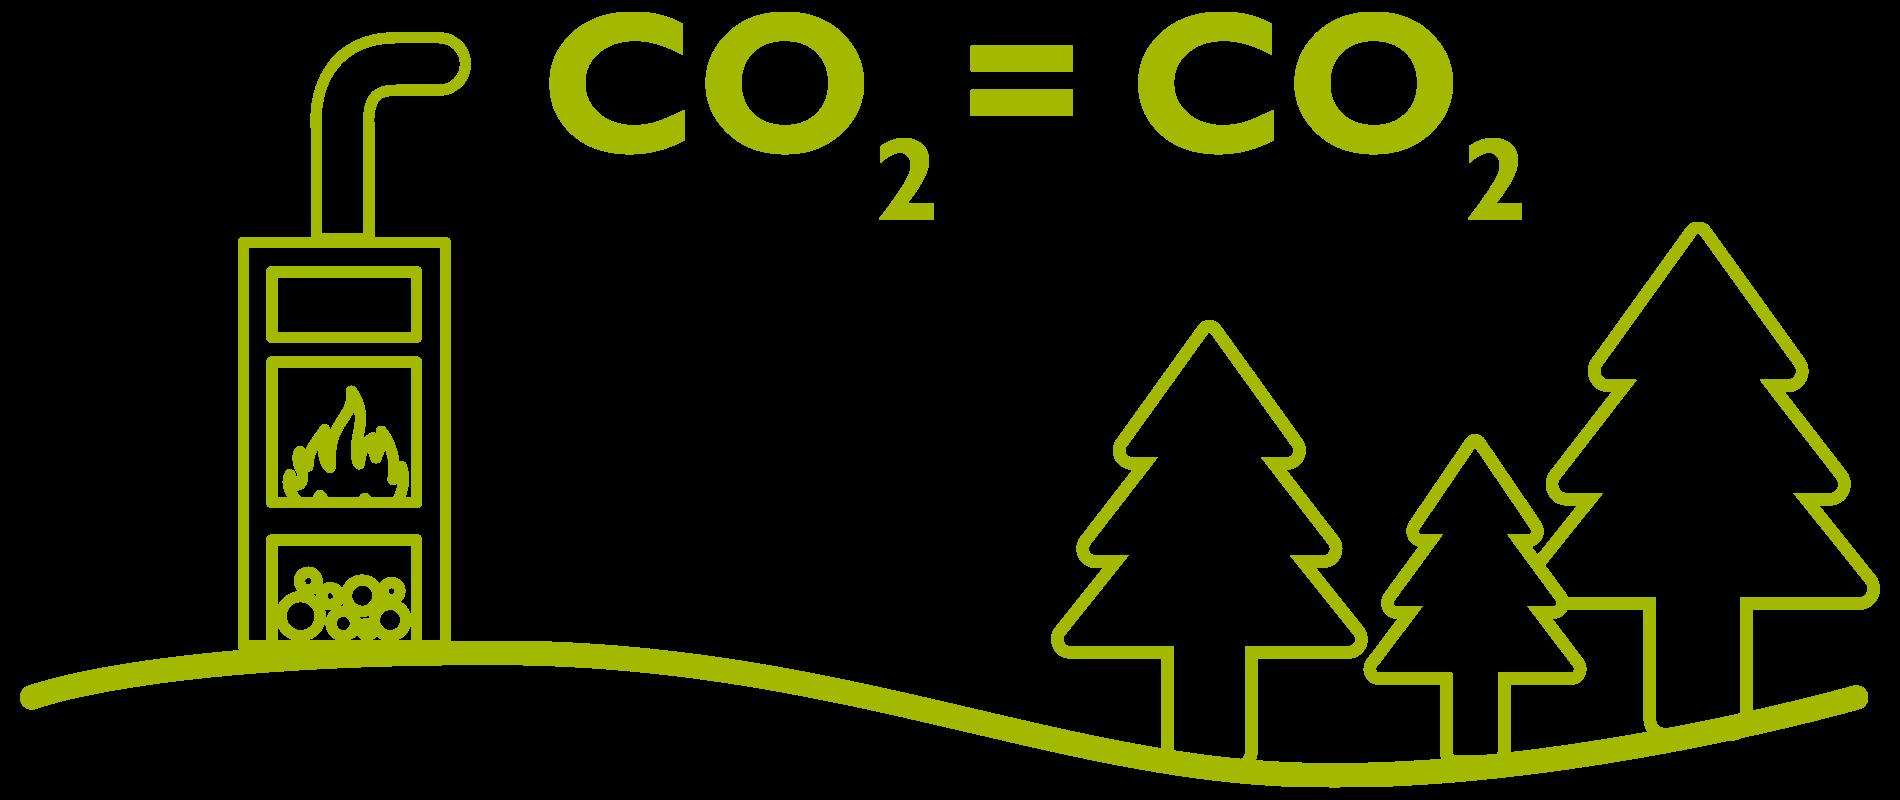 """<span class=""""entry-title-primary"""">NAJPRIRODZENEJŠÍ SPÔSOB VYKUROVANIA – DREVO</span> <span class=""""entry-subtitle"""">Drevo je obnoviteľný zdroj, ktorý pri spaľovaní produkuje iba toľko oxidu uhličitého (CO2), koľko sa uvoľňuje z prirodzeného rozkladu dreva v lese alebo toľko, koľko strom zachytí z atmosféry počas svojho rastu.</span>"""